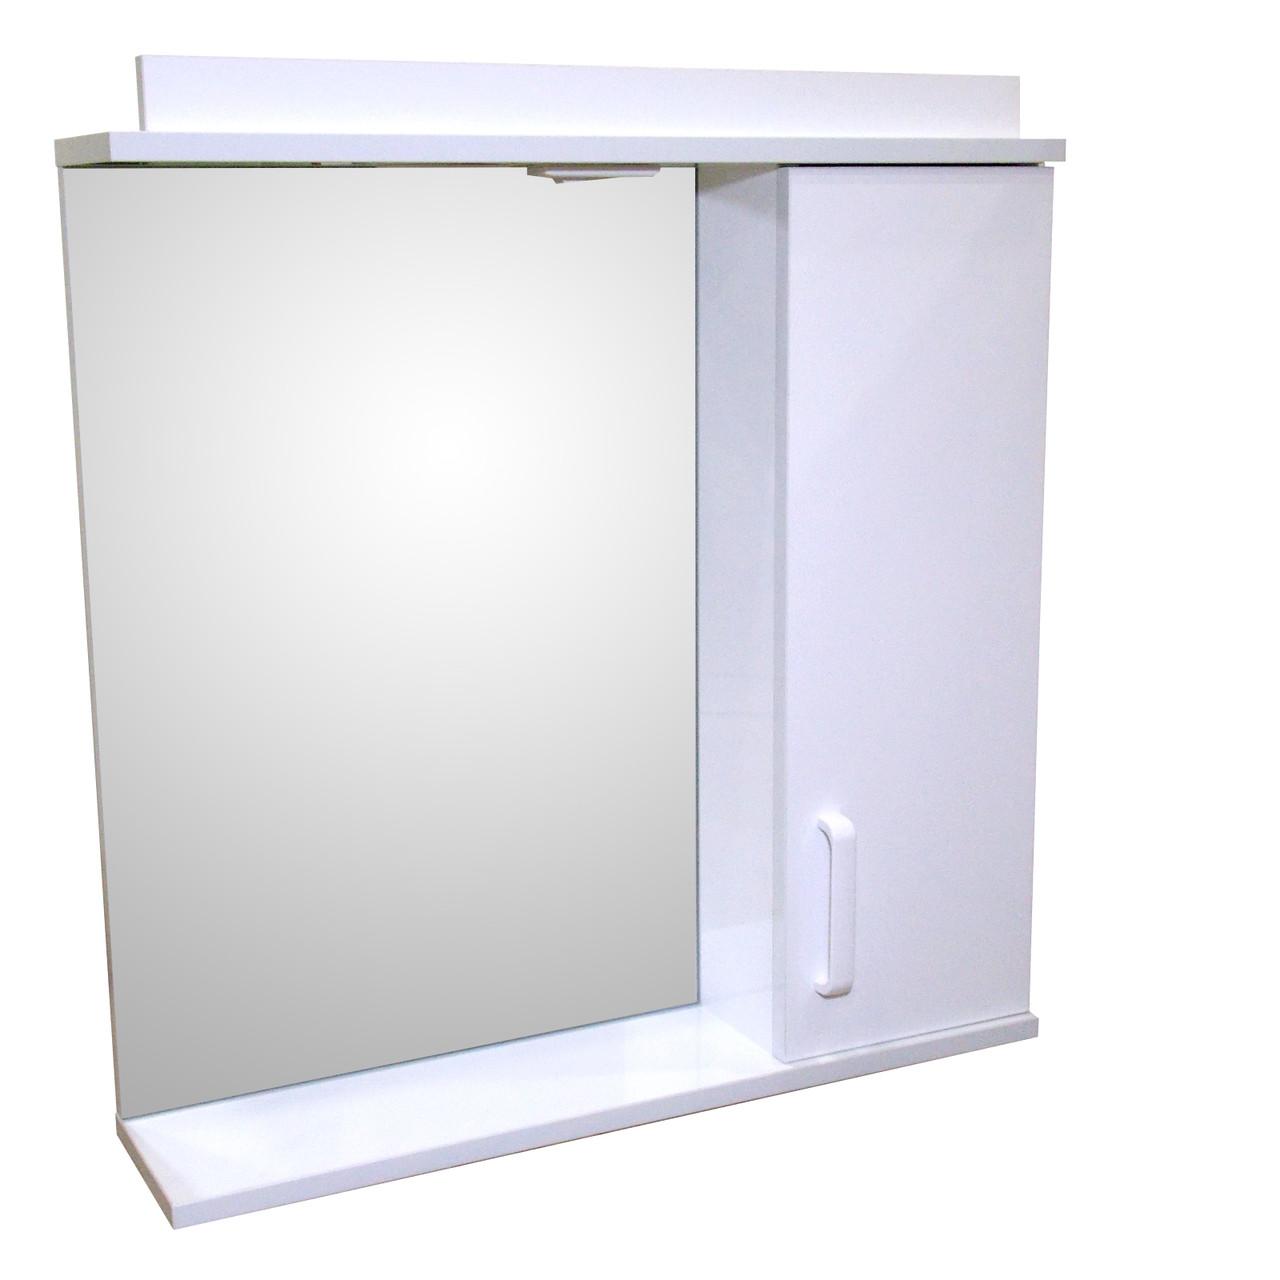 Зеркало 70 для ванной комнаты с подсветкой и шкафчиком Дебют Перфект  белый